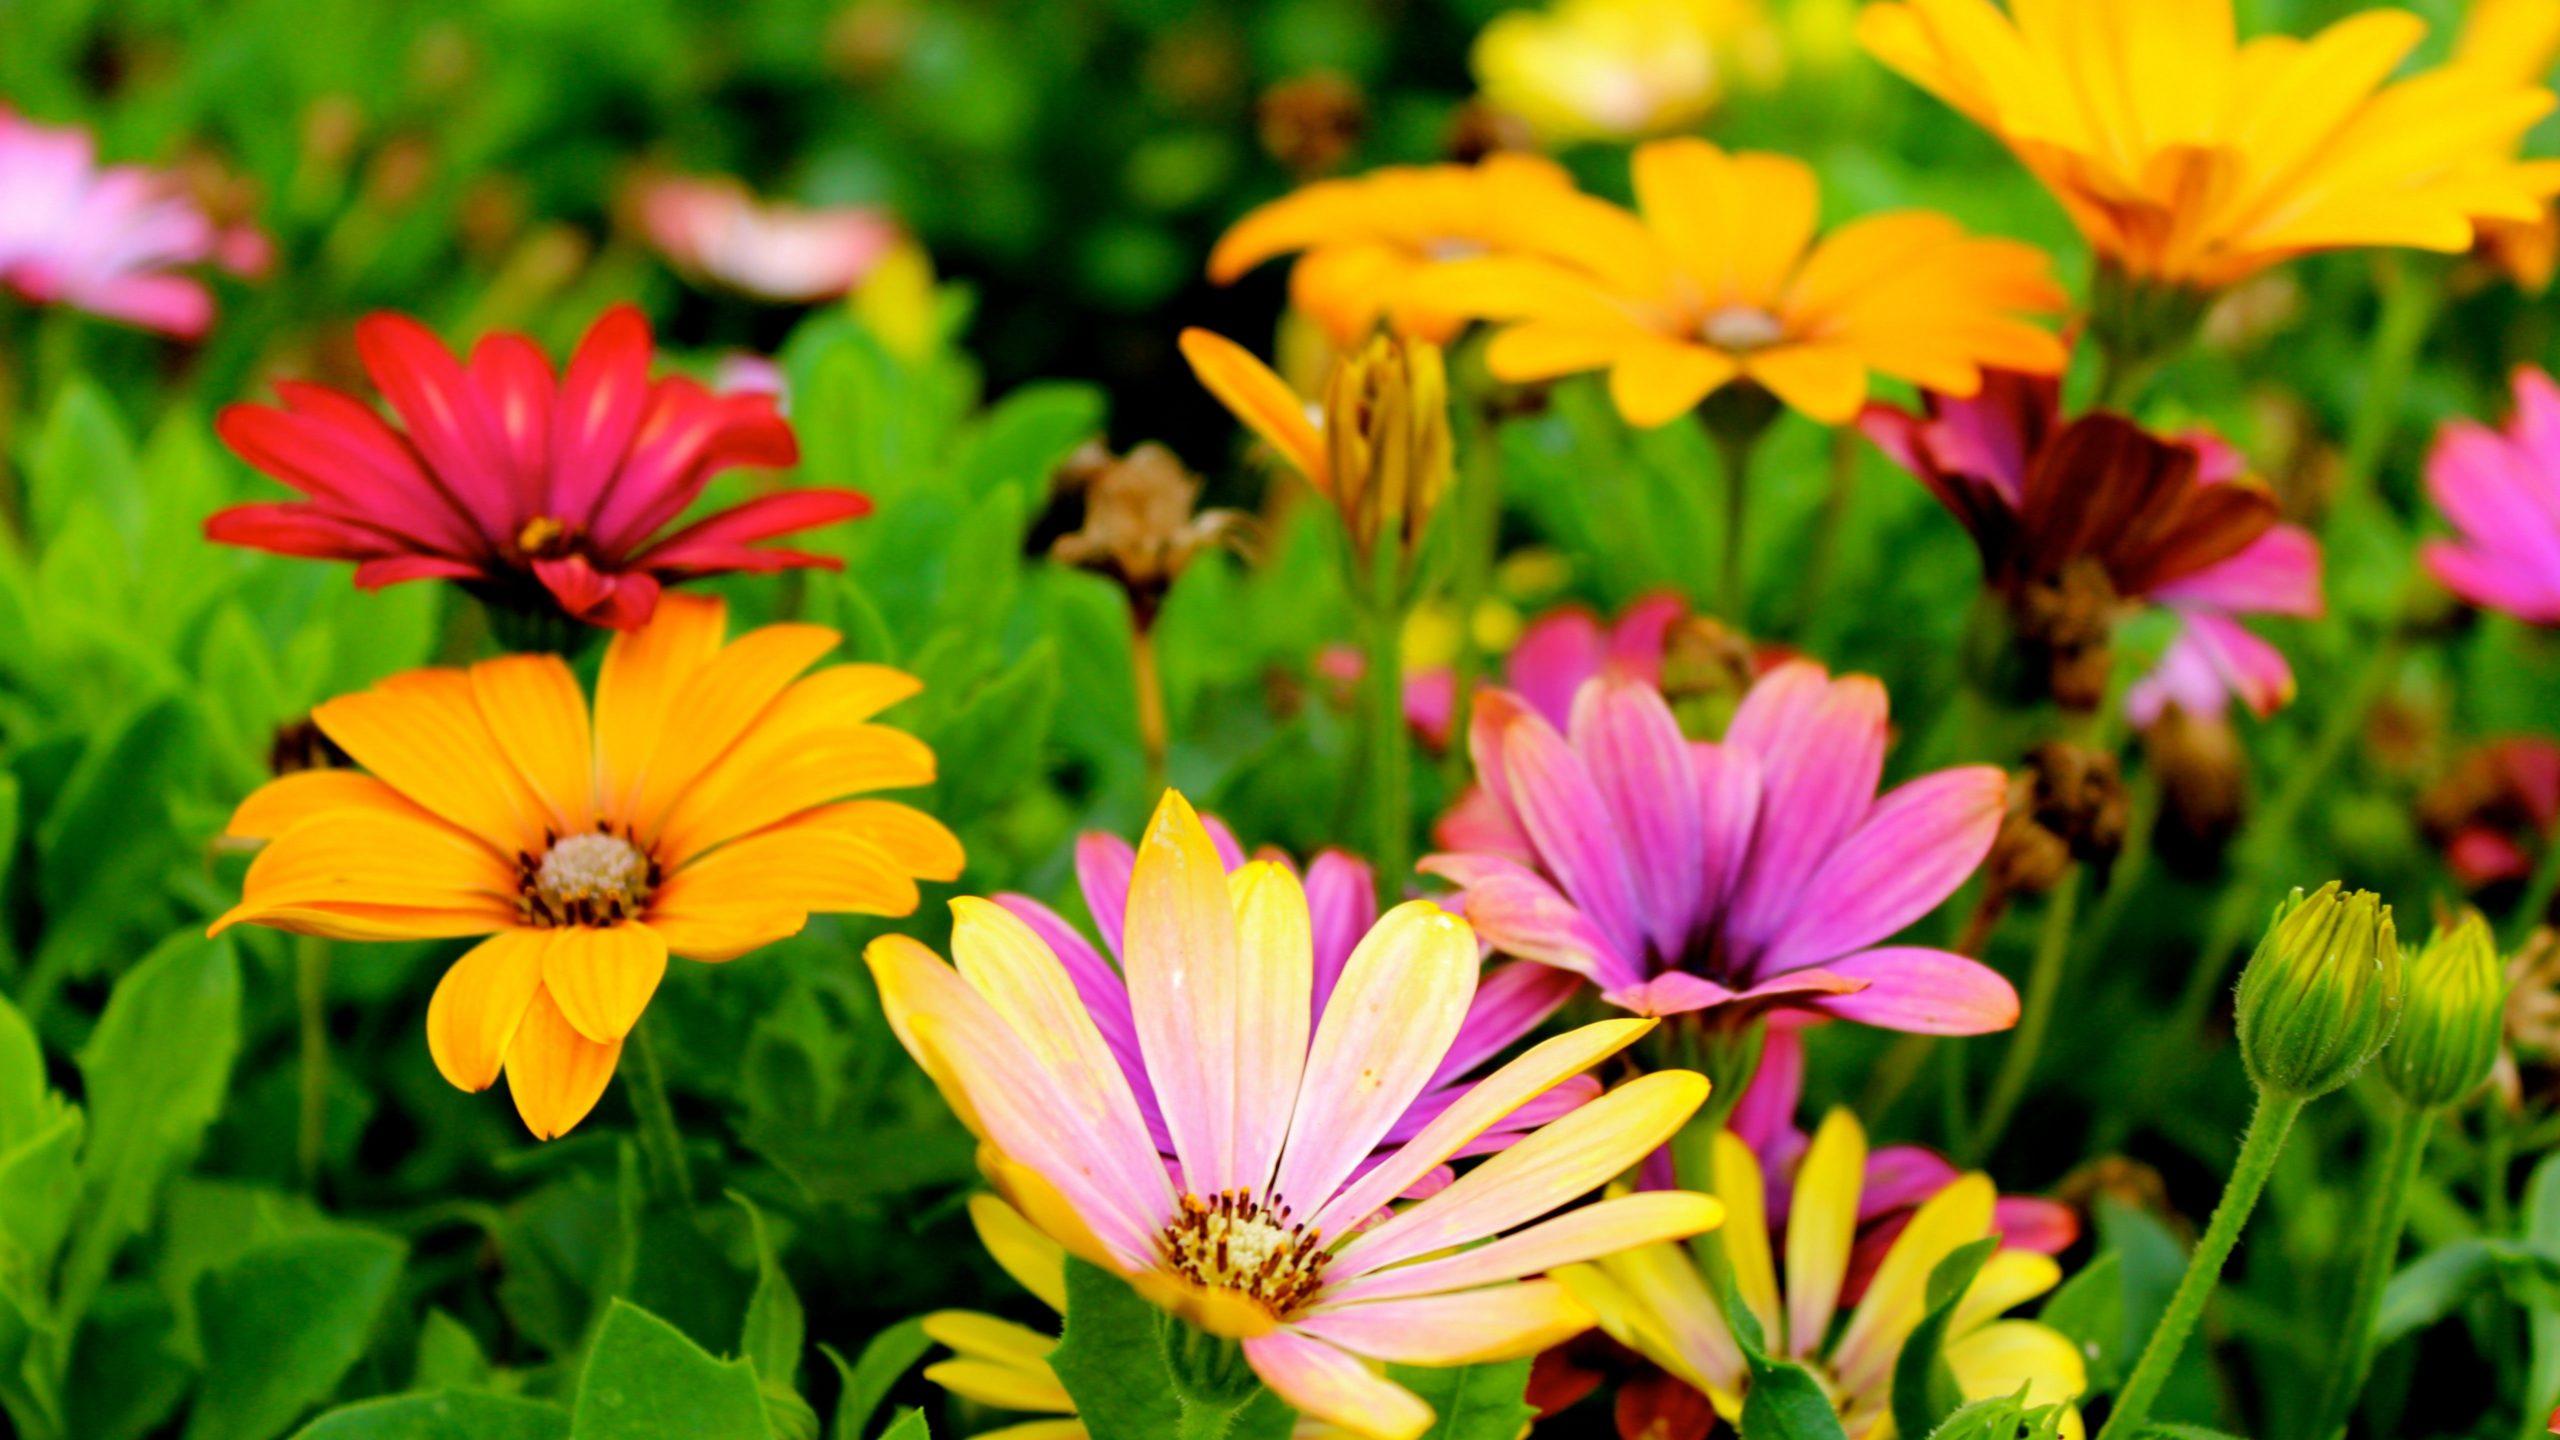 daisy photos free